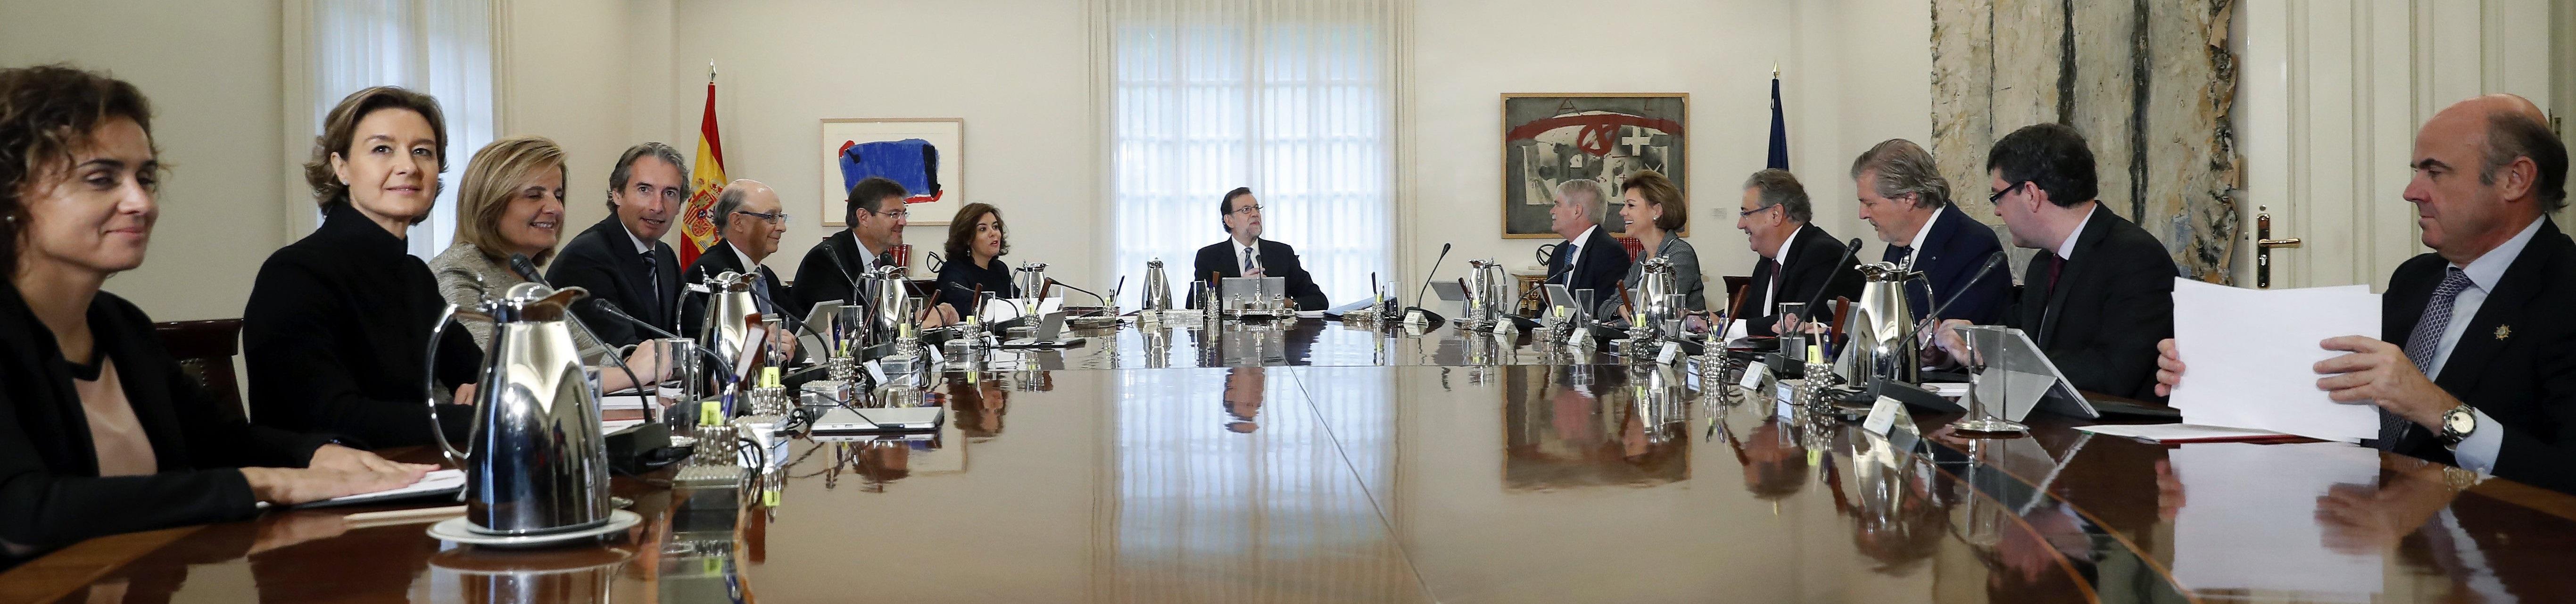 PRIMER CONSEJO DE MINISTROS DEL NUEVO GOBIERNO DE RAJOY